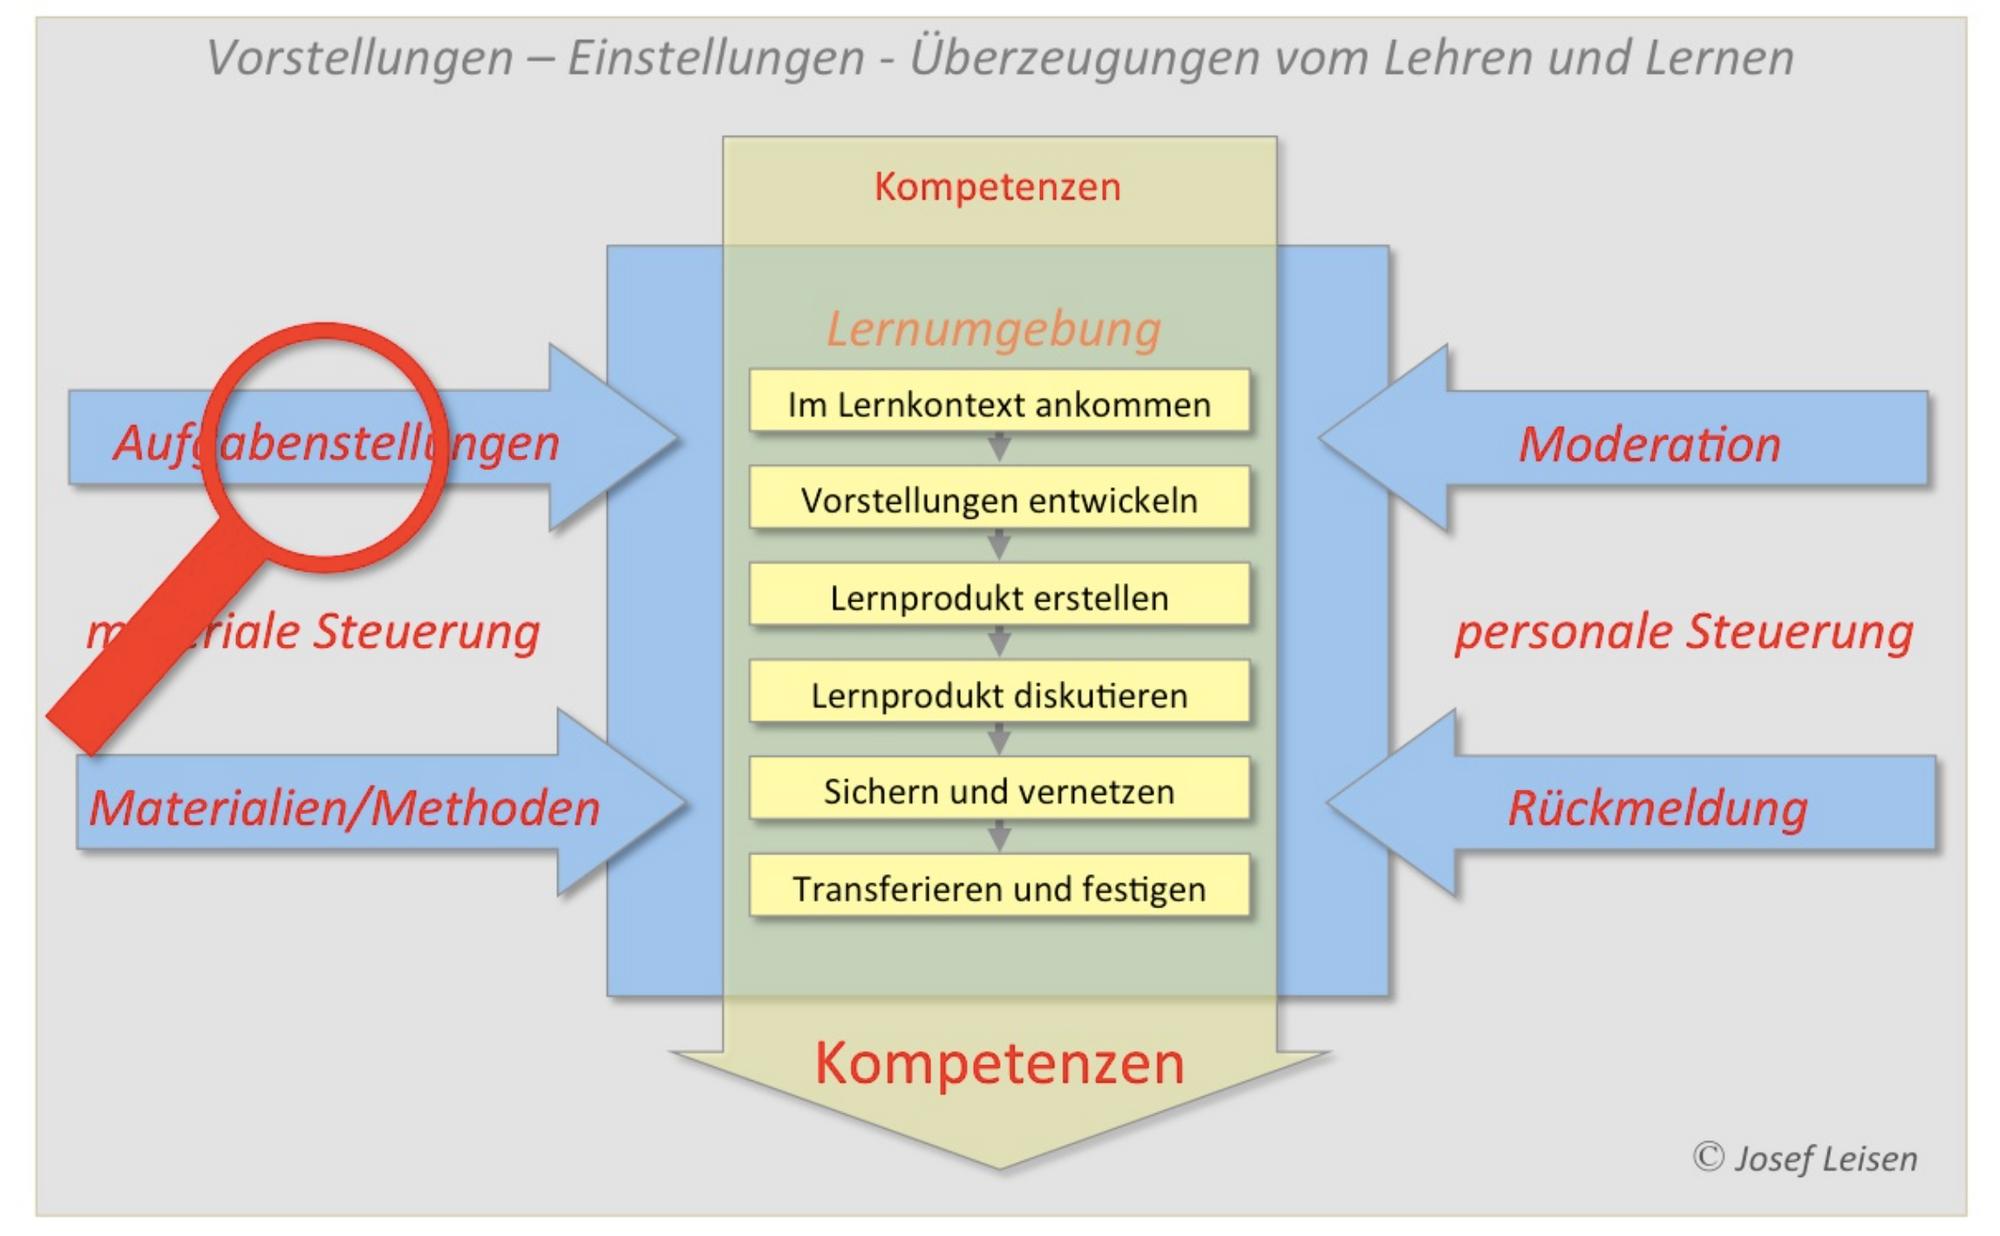 Lehr- und Lernmodell nach   Josef Leisen http://www.lehr-lern-modell.de/lehr-lern-modell